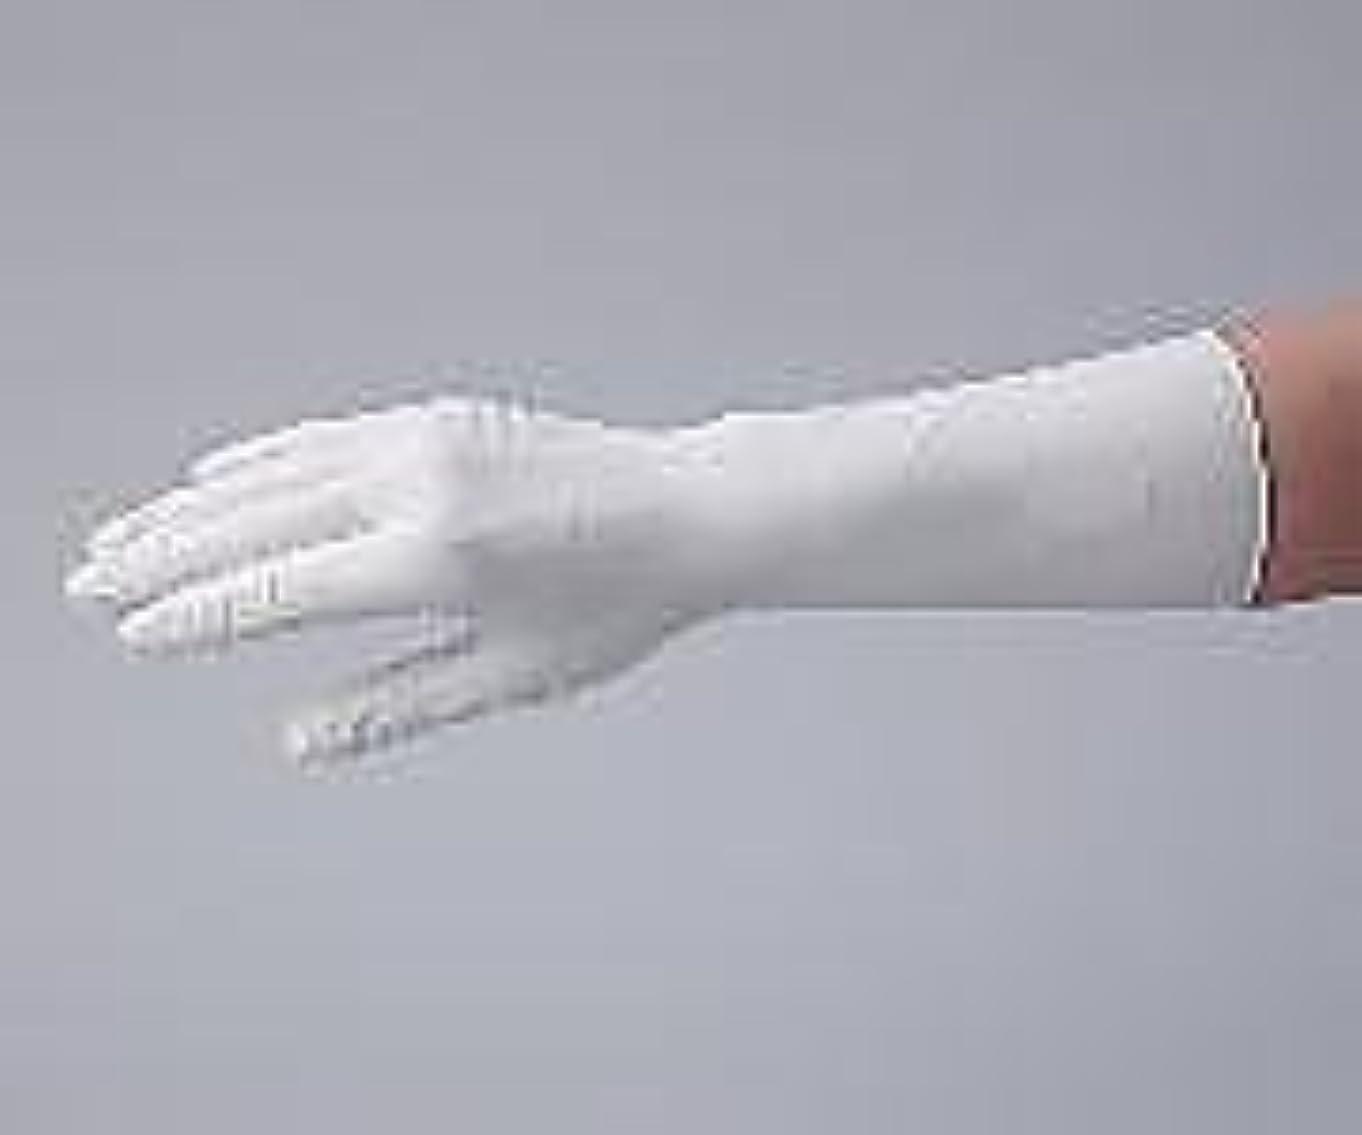 アラブサラボ施設受けるアズピュア(アズワン)1-2324-55アズピュアクリーンファーストニトリル手袋(ペアタイプ)クリーンパックXL左右各50枚×10袋入